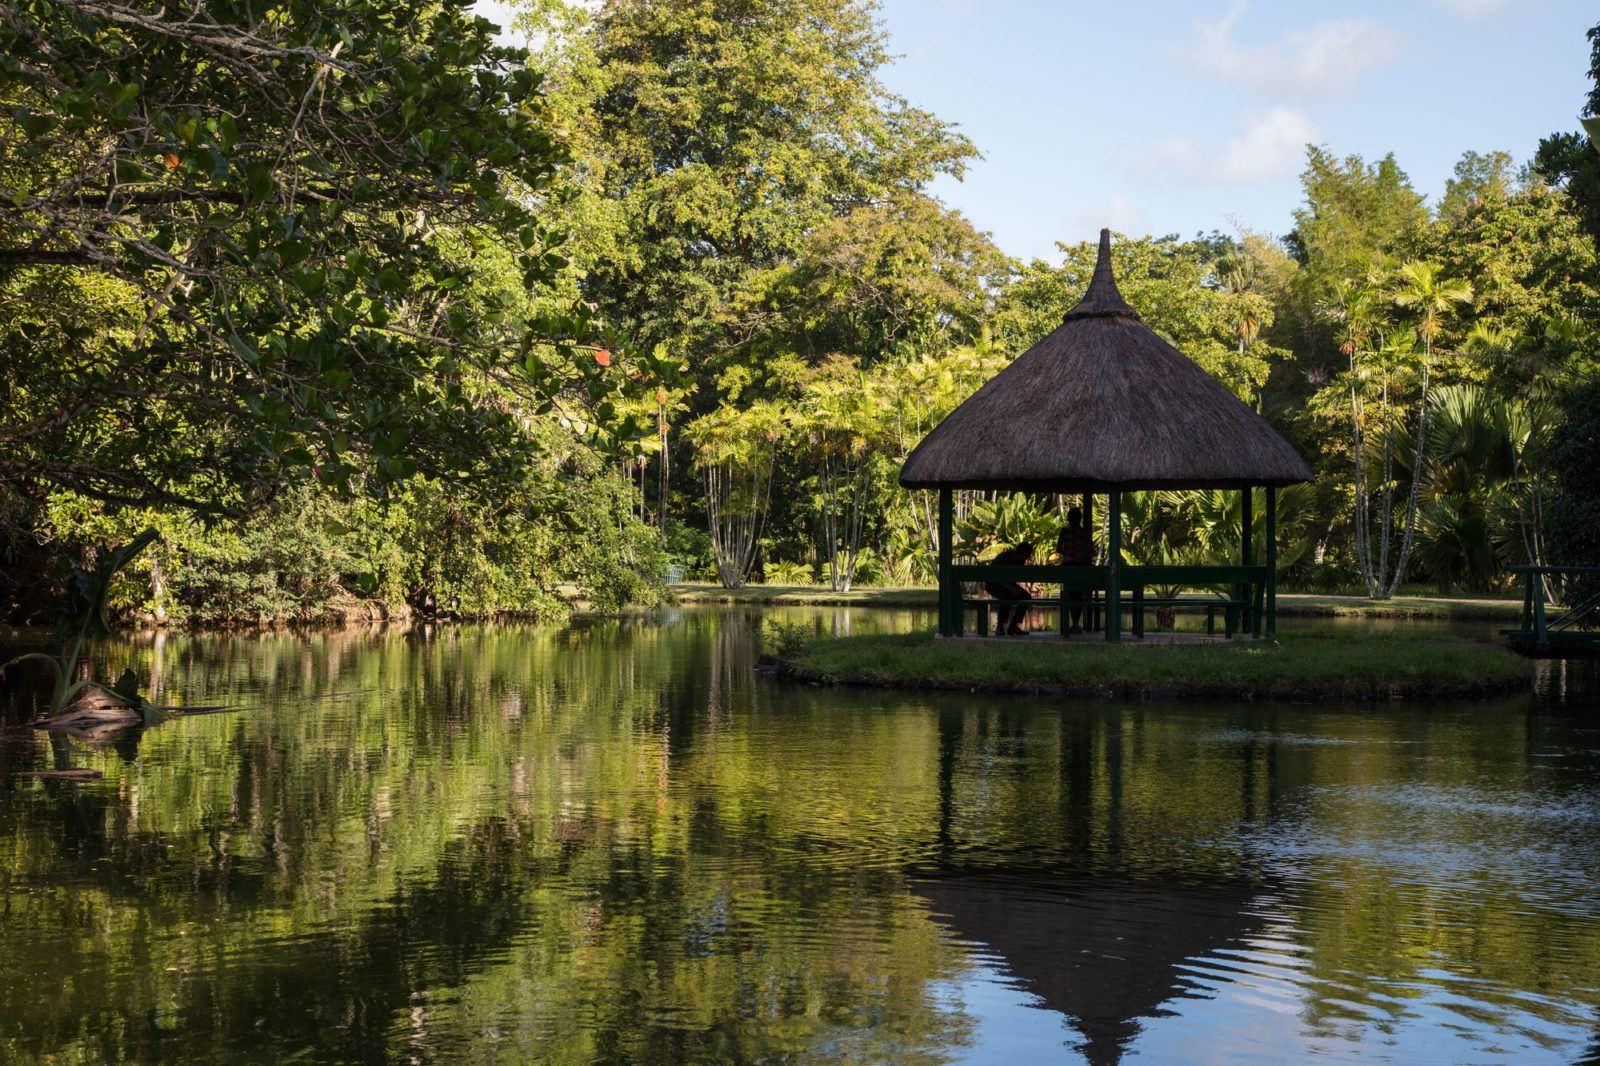 Беседка в ботанических садах обеспечивает этой паре тень и отдых. Чем заняться на Маврикии Чем заняться на Маврикии – Путешествие к звезде и ключу Индийского океана SSR Botanical Garden Mauritius 1600x1066